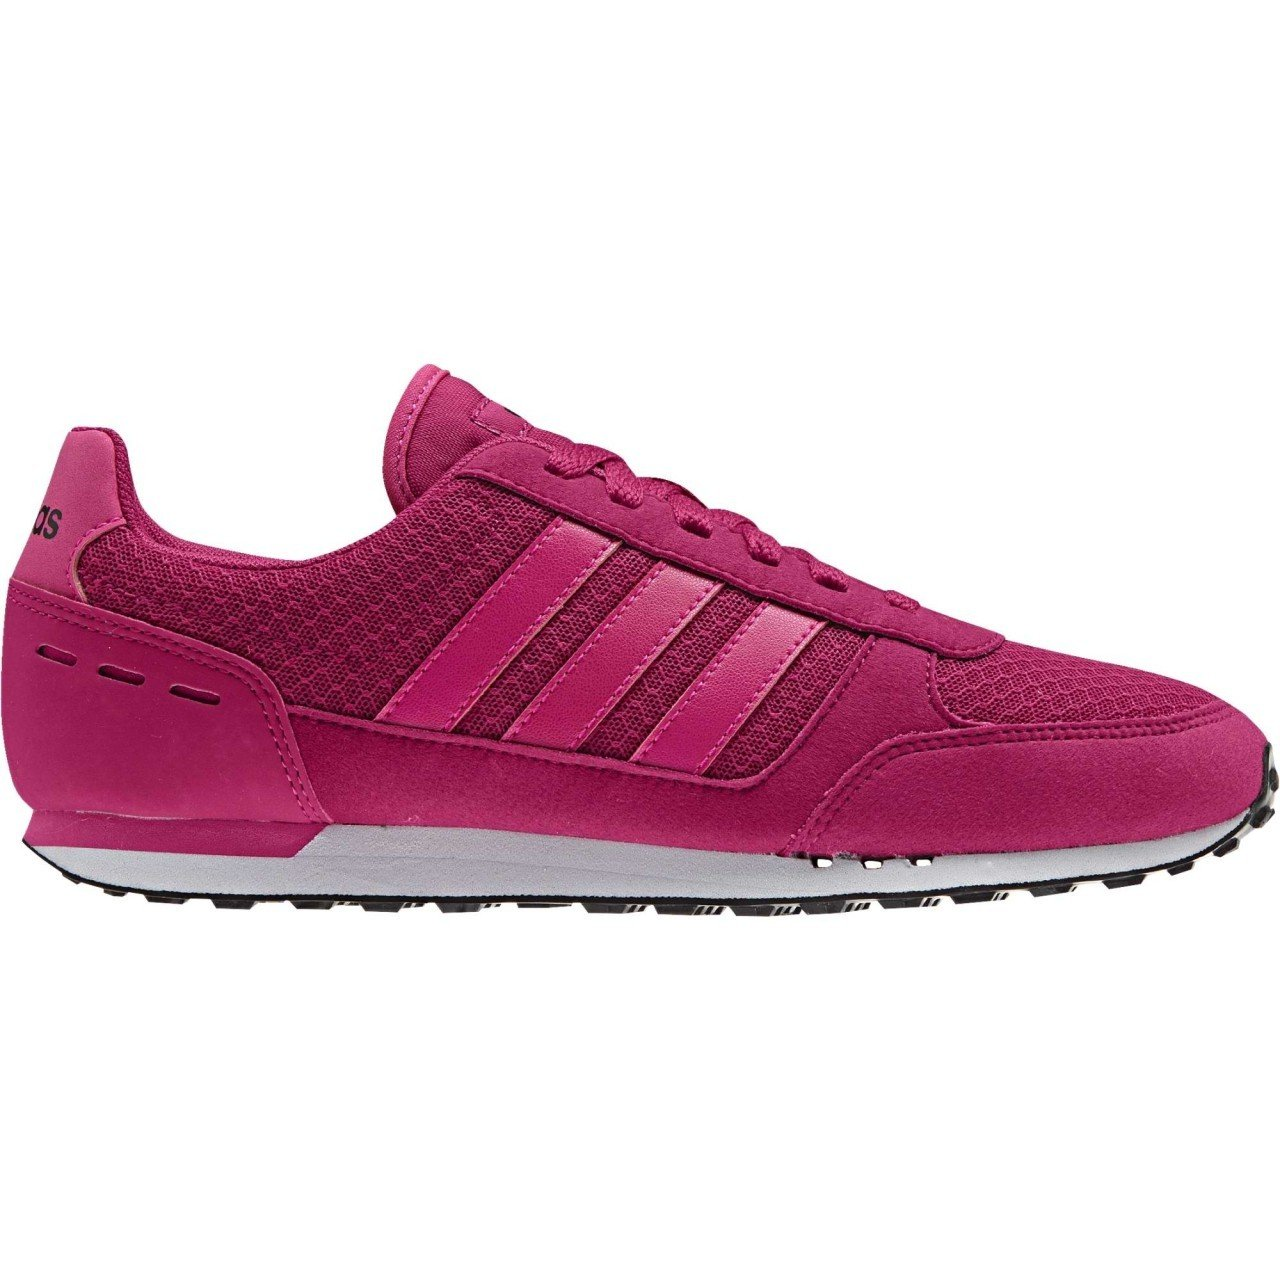 Adidas Damen City Racer W Fitnessschuhe